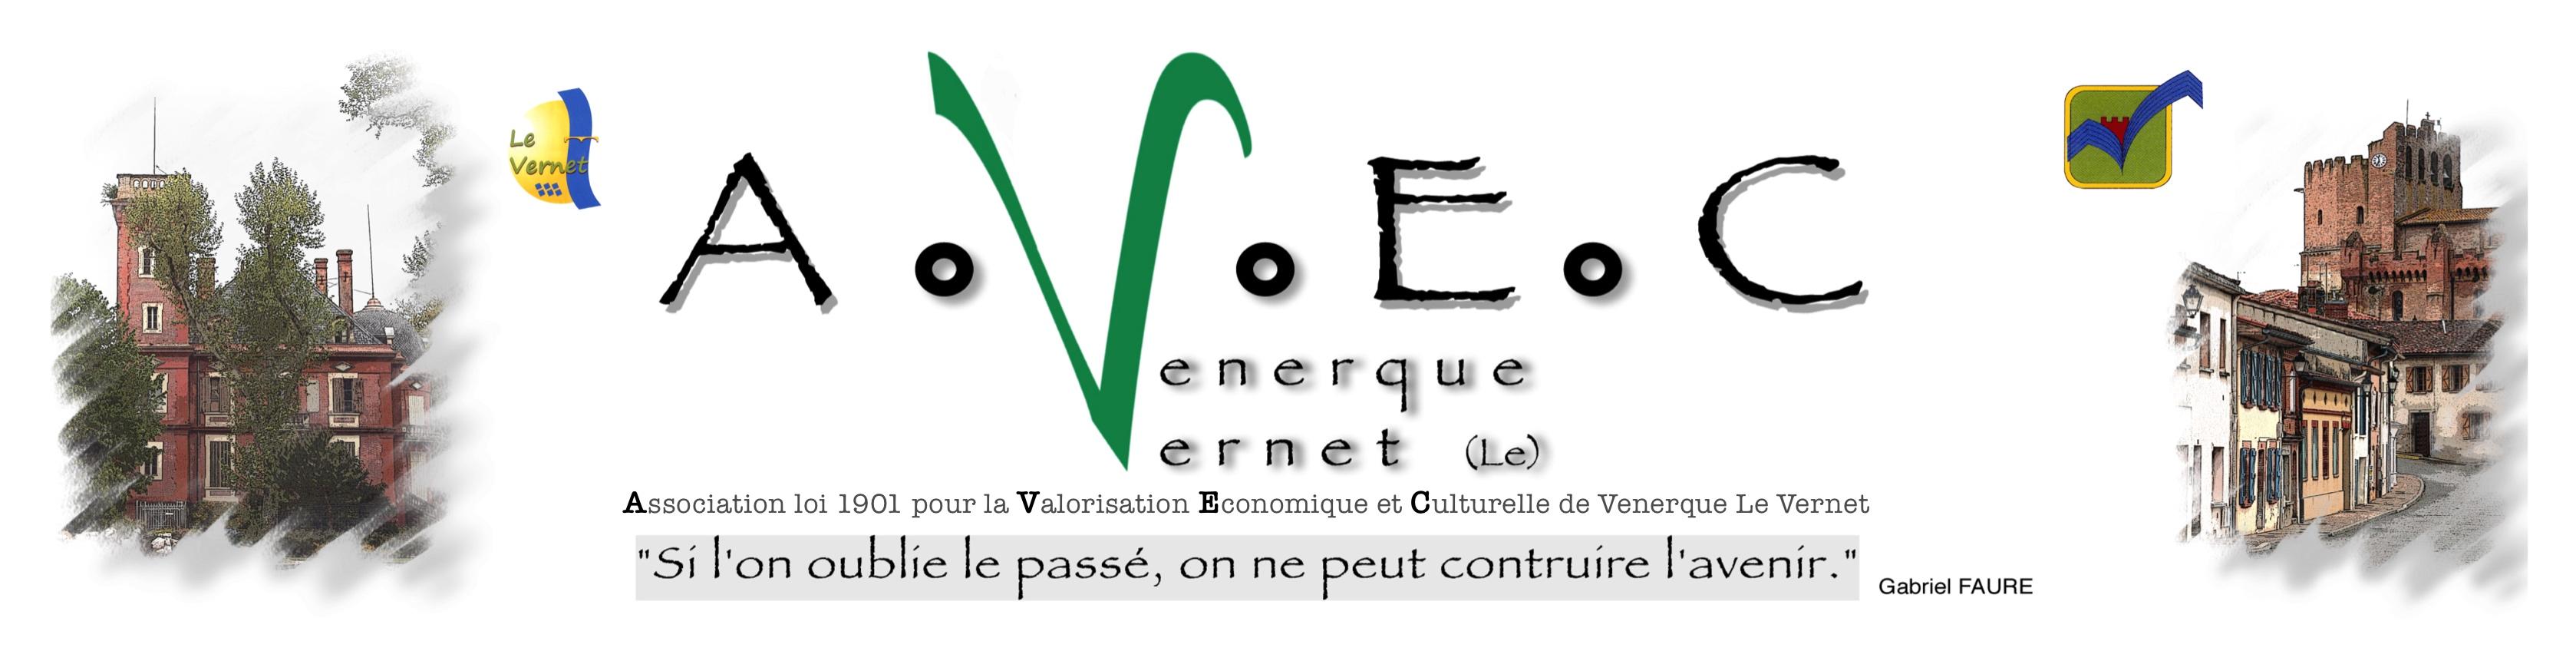 https://foh31.fr/wp-content/uploads/2018/01/Logos-AVEC.jpg